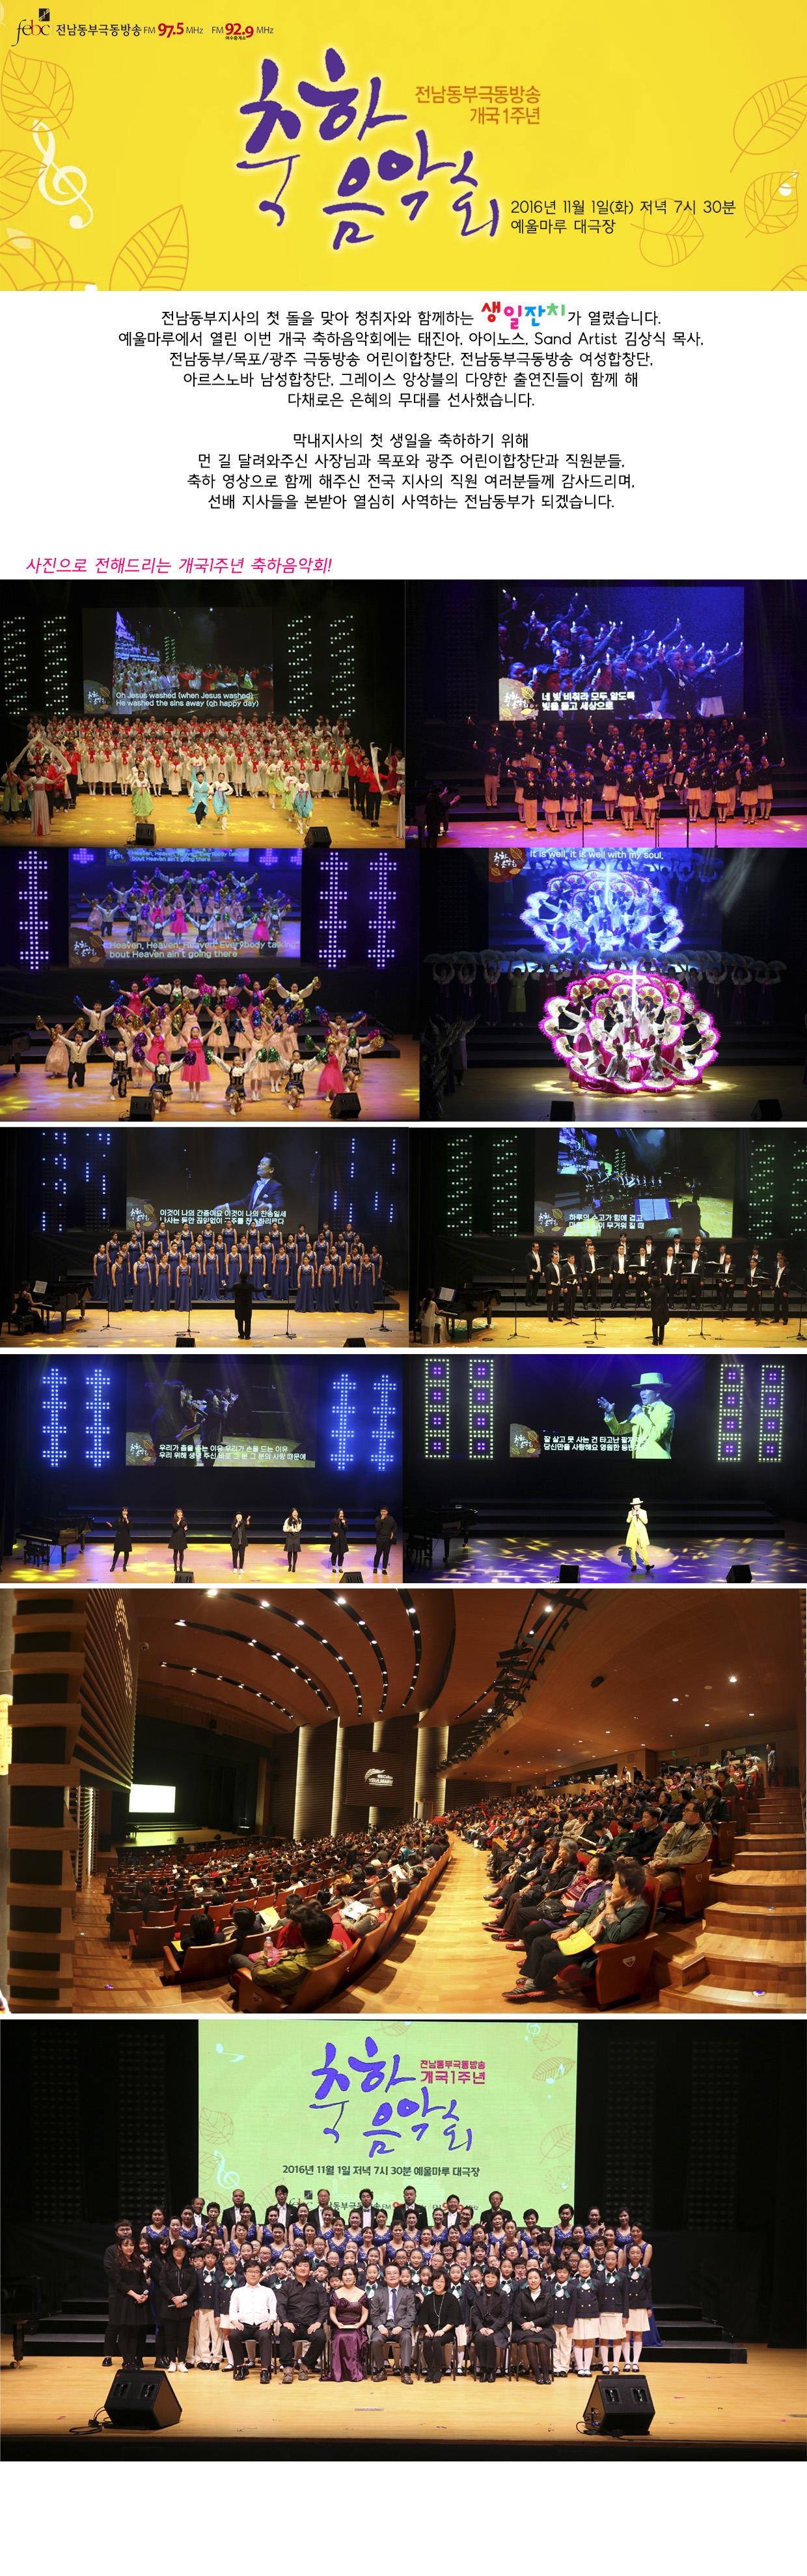 11.1개국축하음악회.jpg